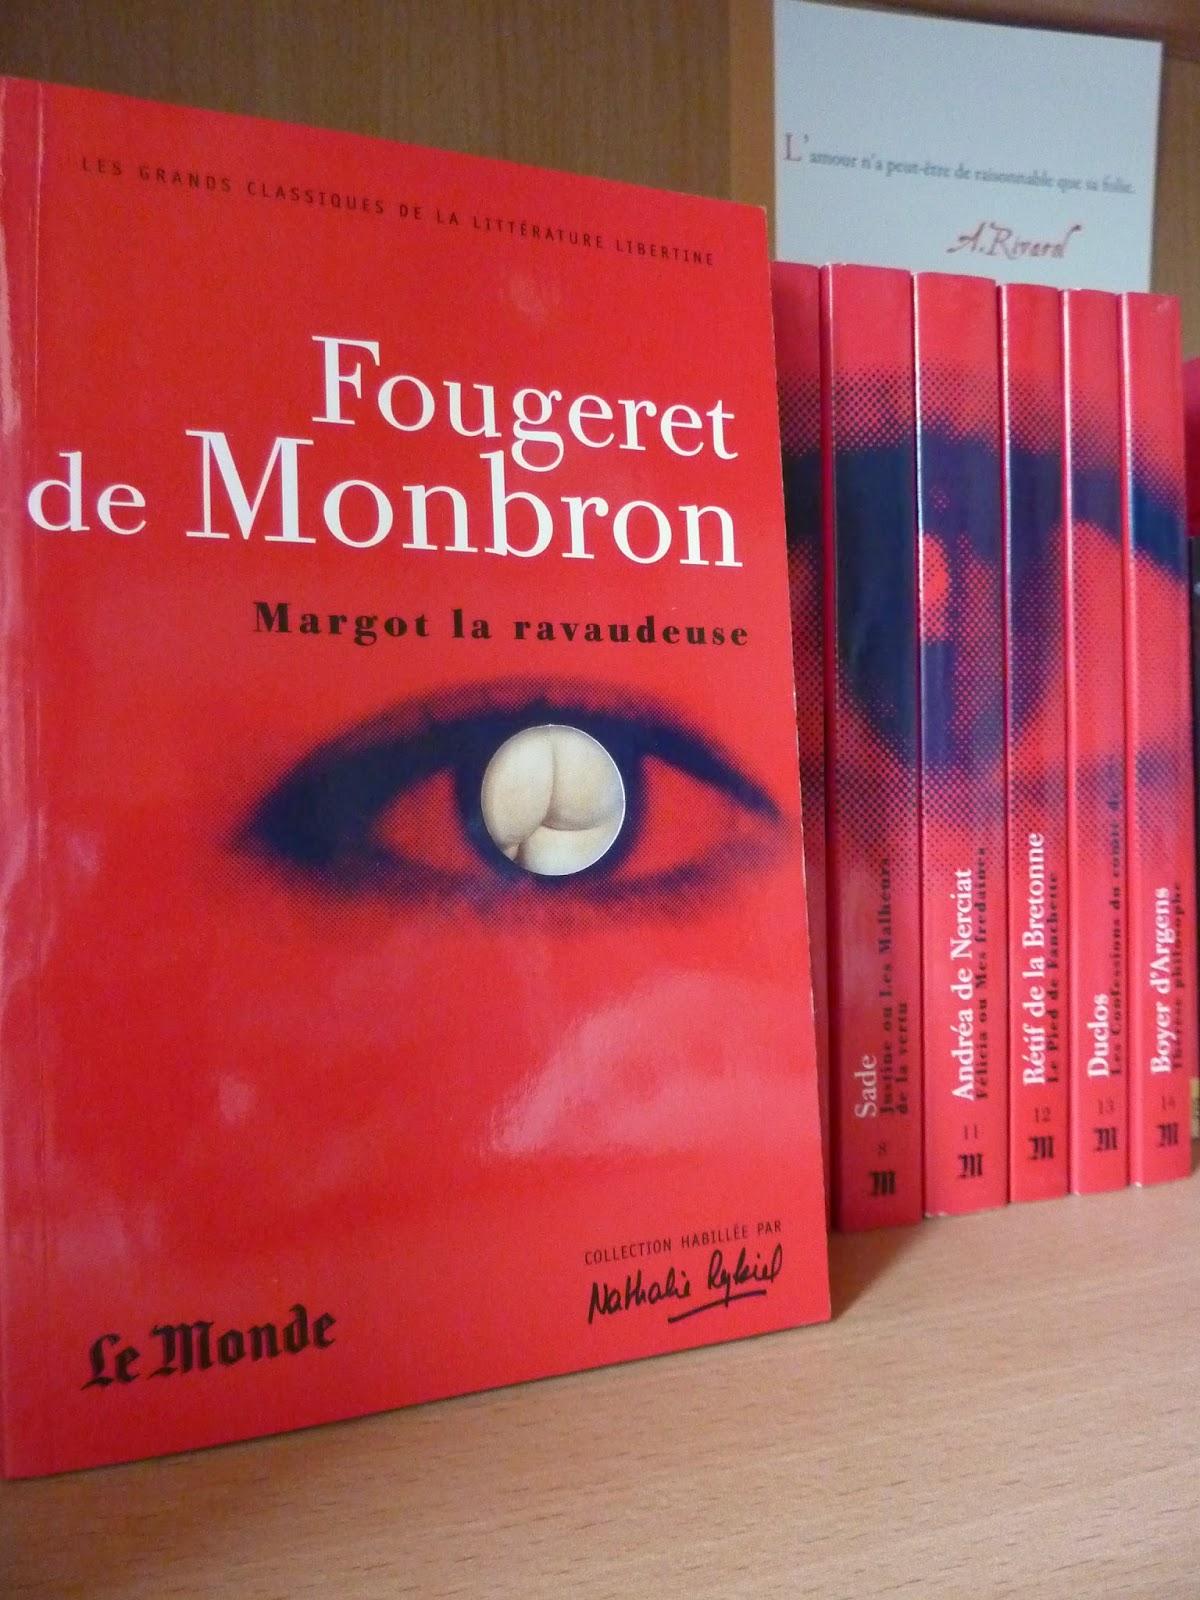 Le canapé couleur de feu - Fougeret de Monbron